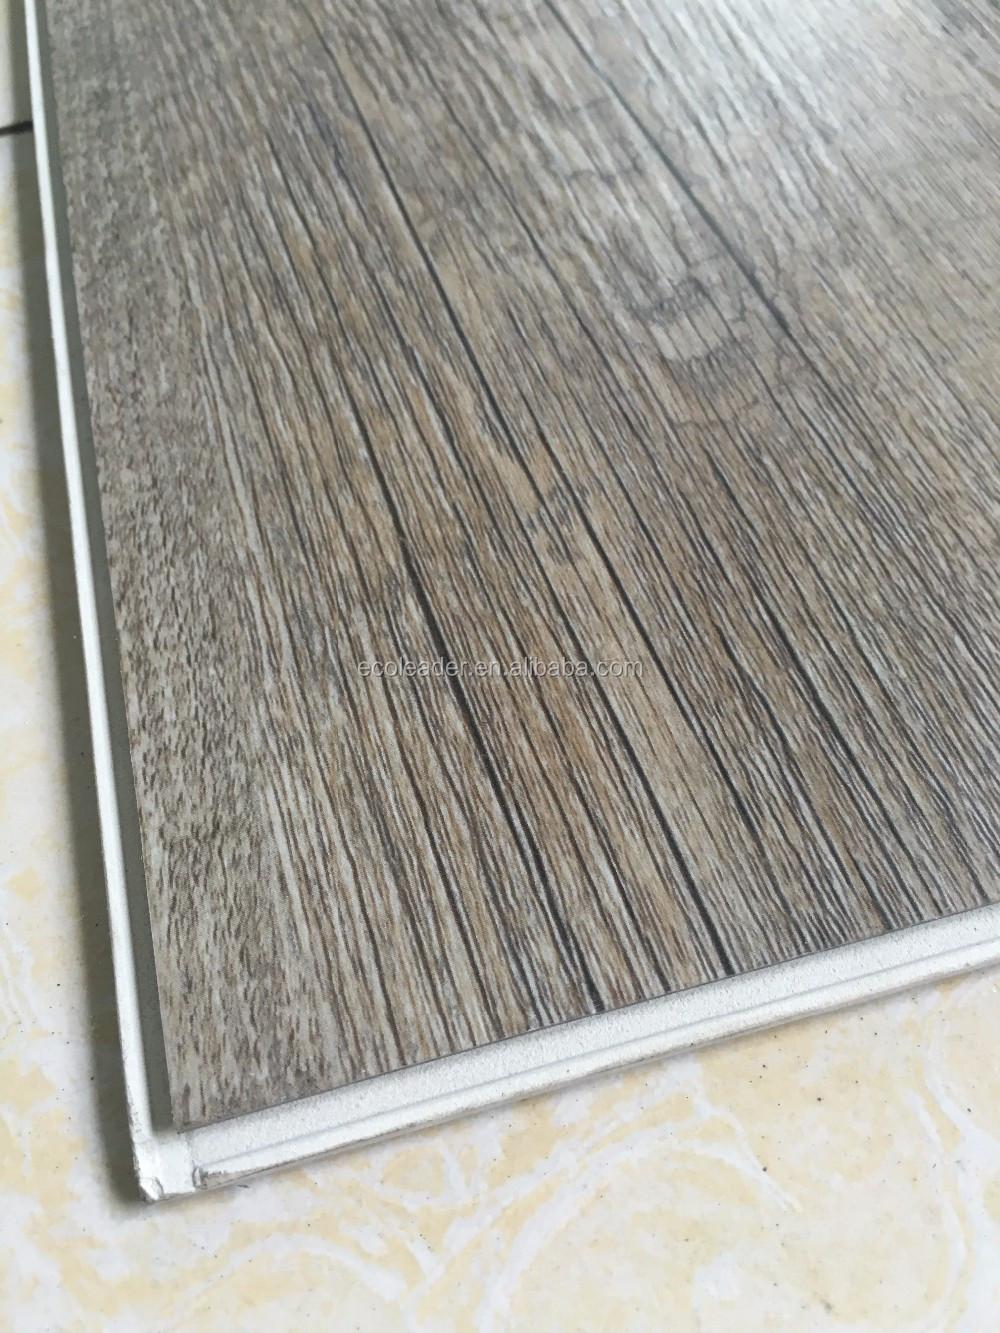 4mm 5mm losse lag pvc tegel vinyl vloer 5mm losse lag vinyl plank floring pvc vloeren kunststof - Vloeren vinyl cement tegel ...